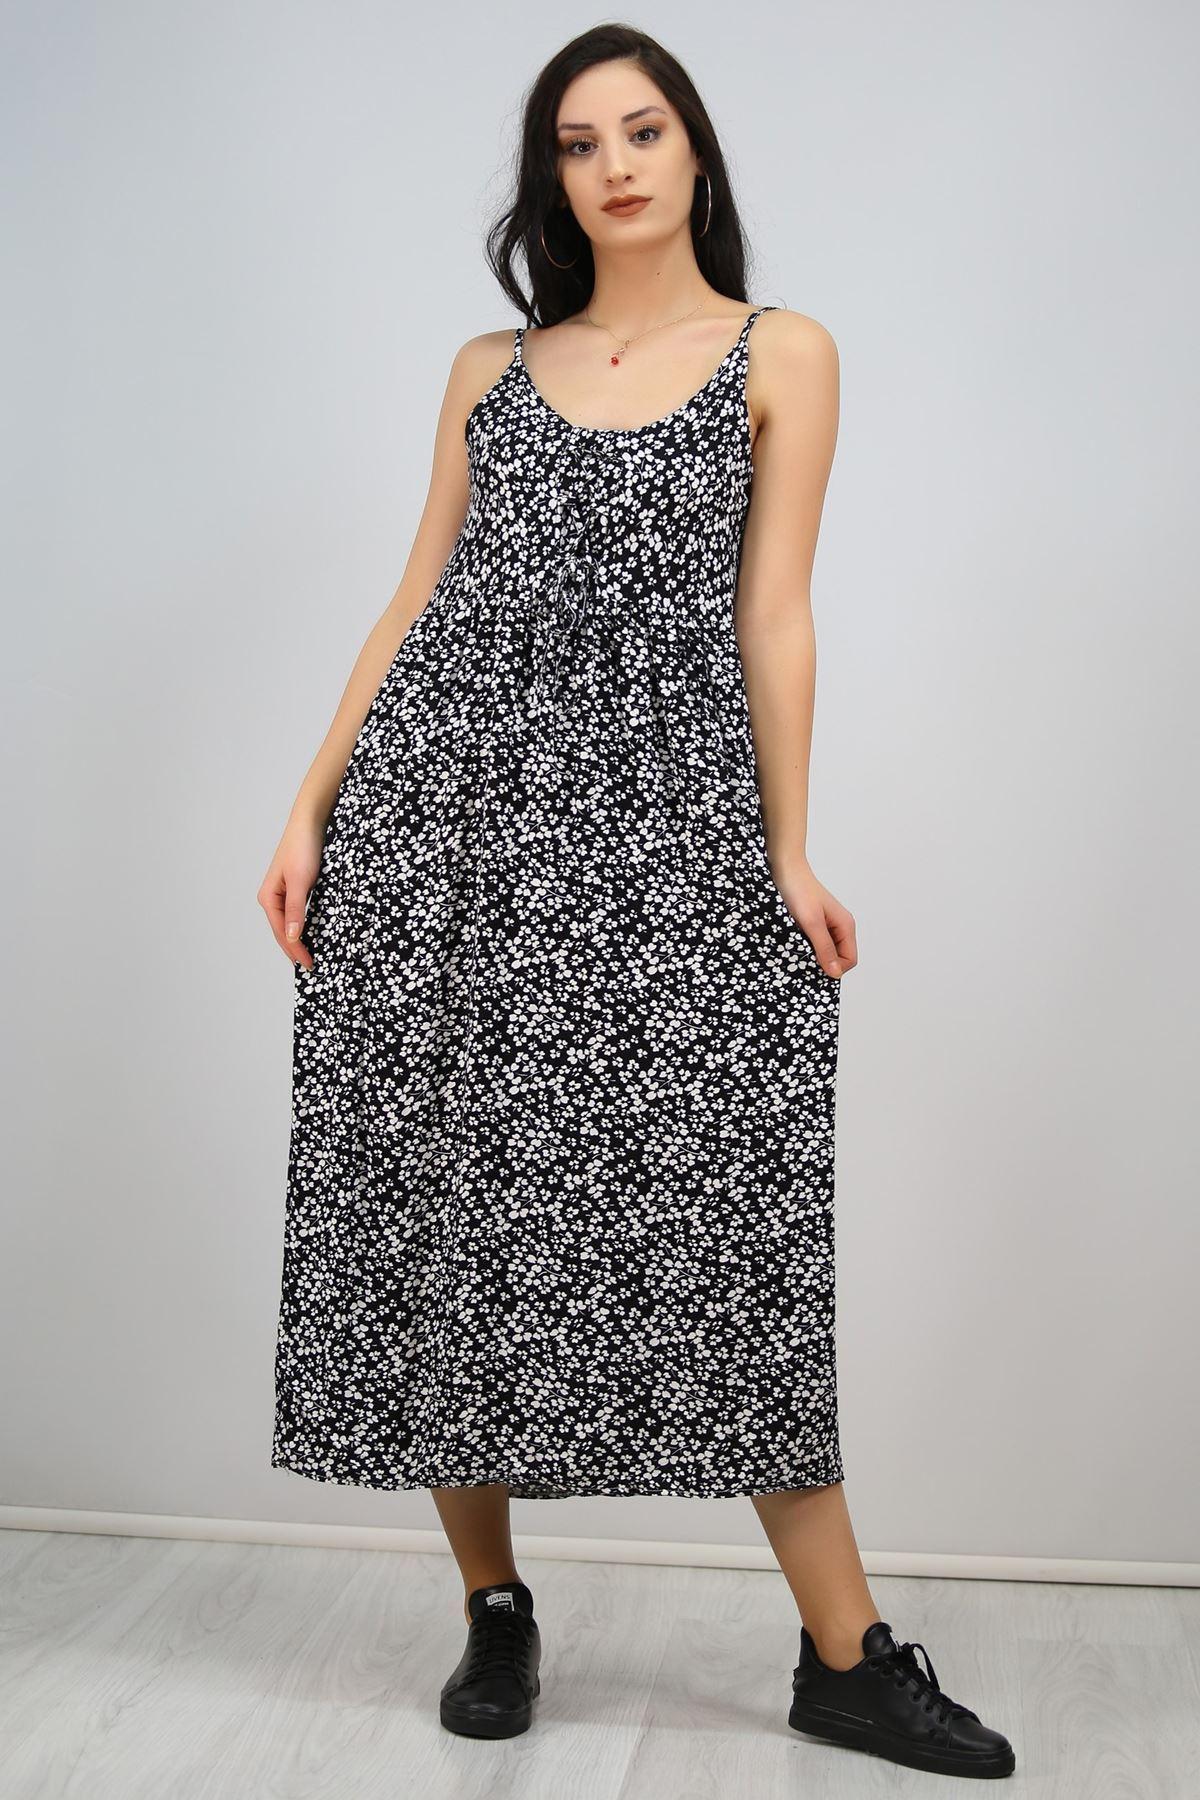 İp Askılı Bağcıklı Elbise Siyah - 6592.1293.